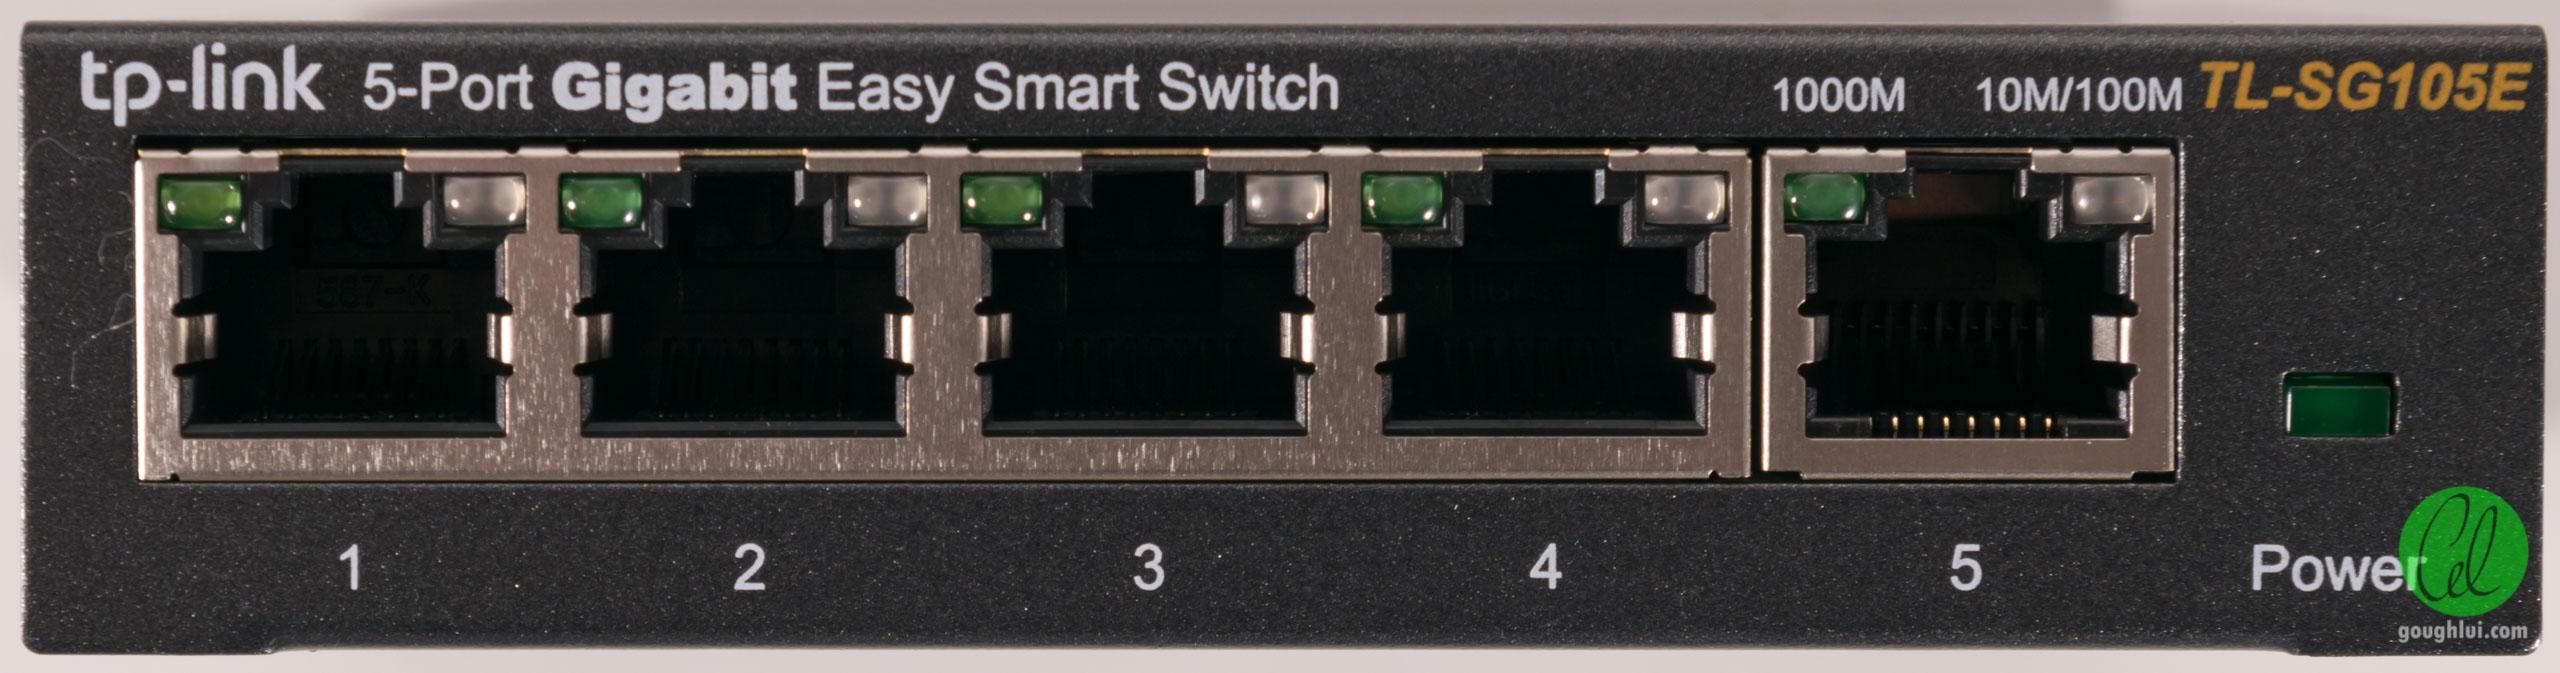 Not So Smart: TP-Link TL-SG105E V3 0 5-Port Gigabit Easy